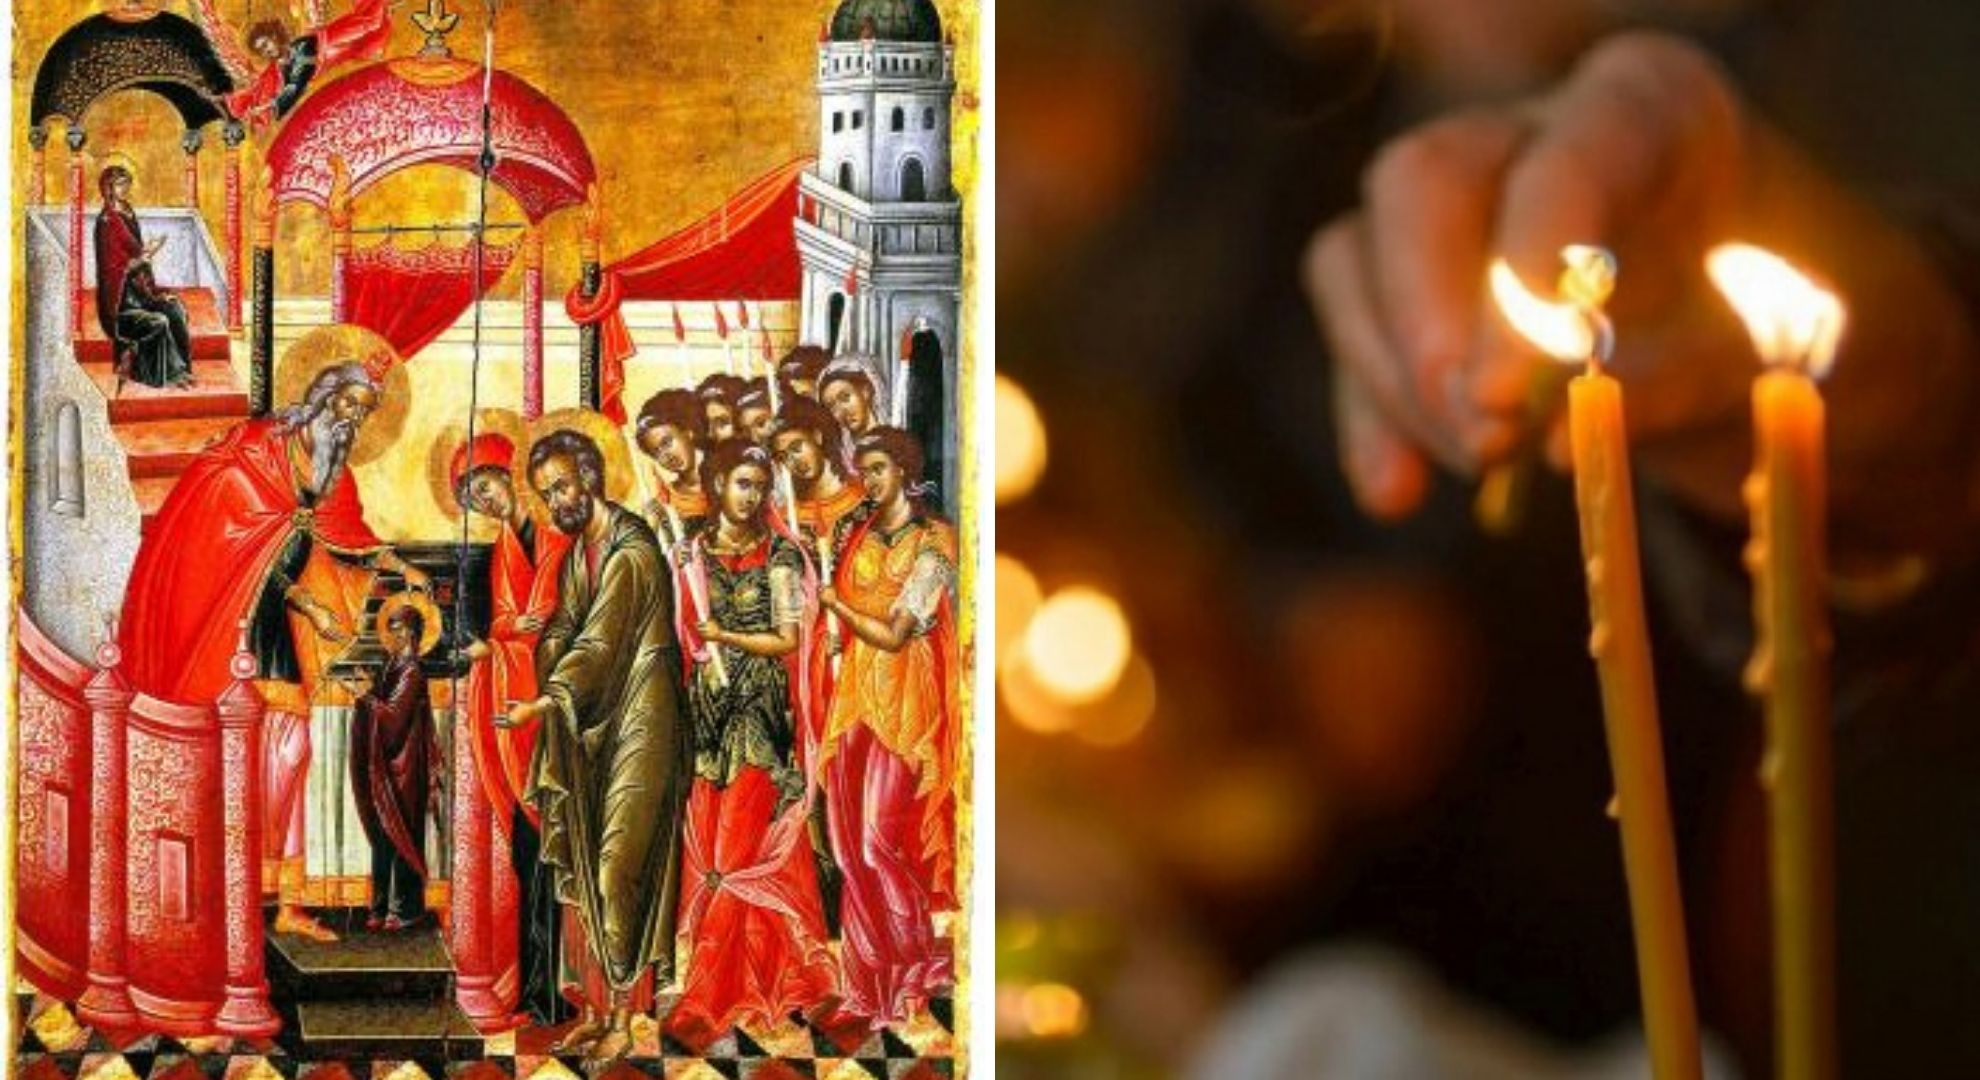 Intrarea în Biserică a Maicii Domnului. Sărbătoare cu cruce roșie la finalul acestei săptămâni